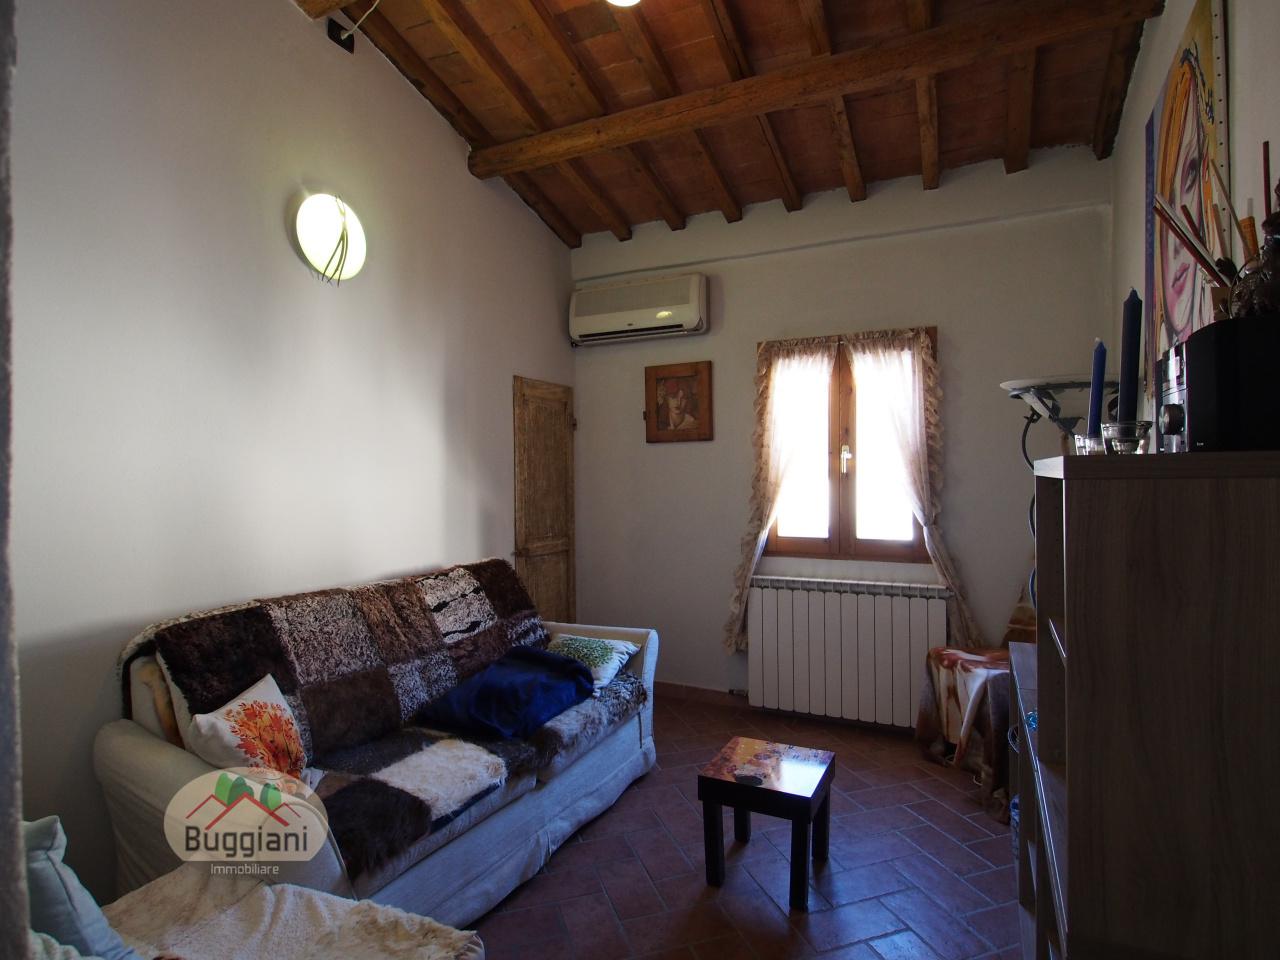 Appartamento in vendita RIF. 1914, San Miniato (PI)